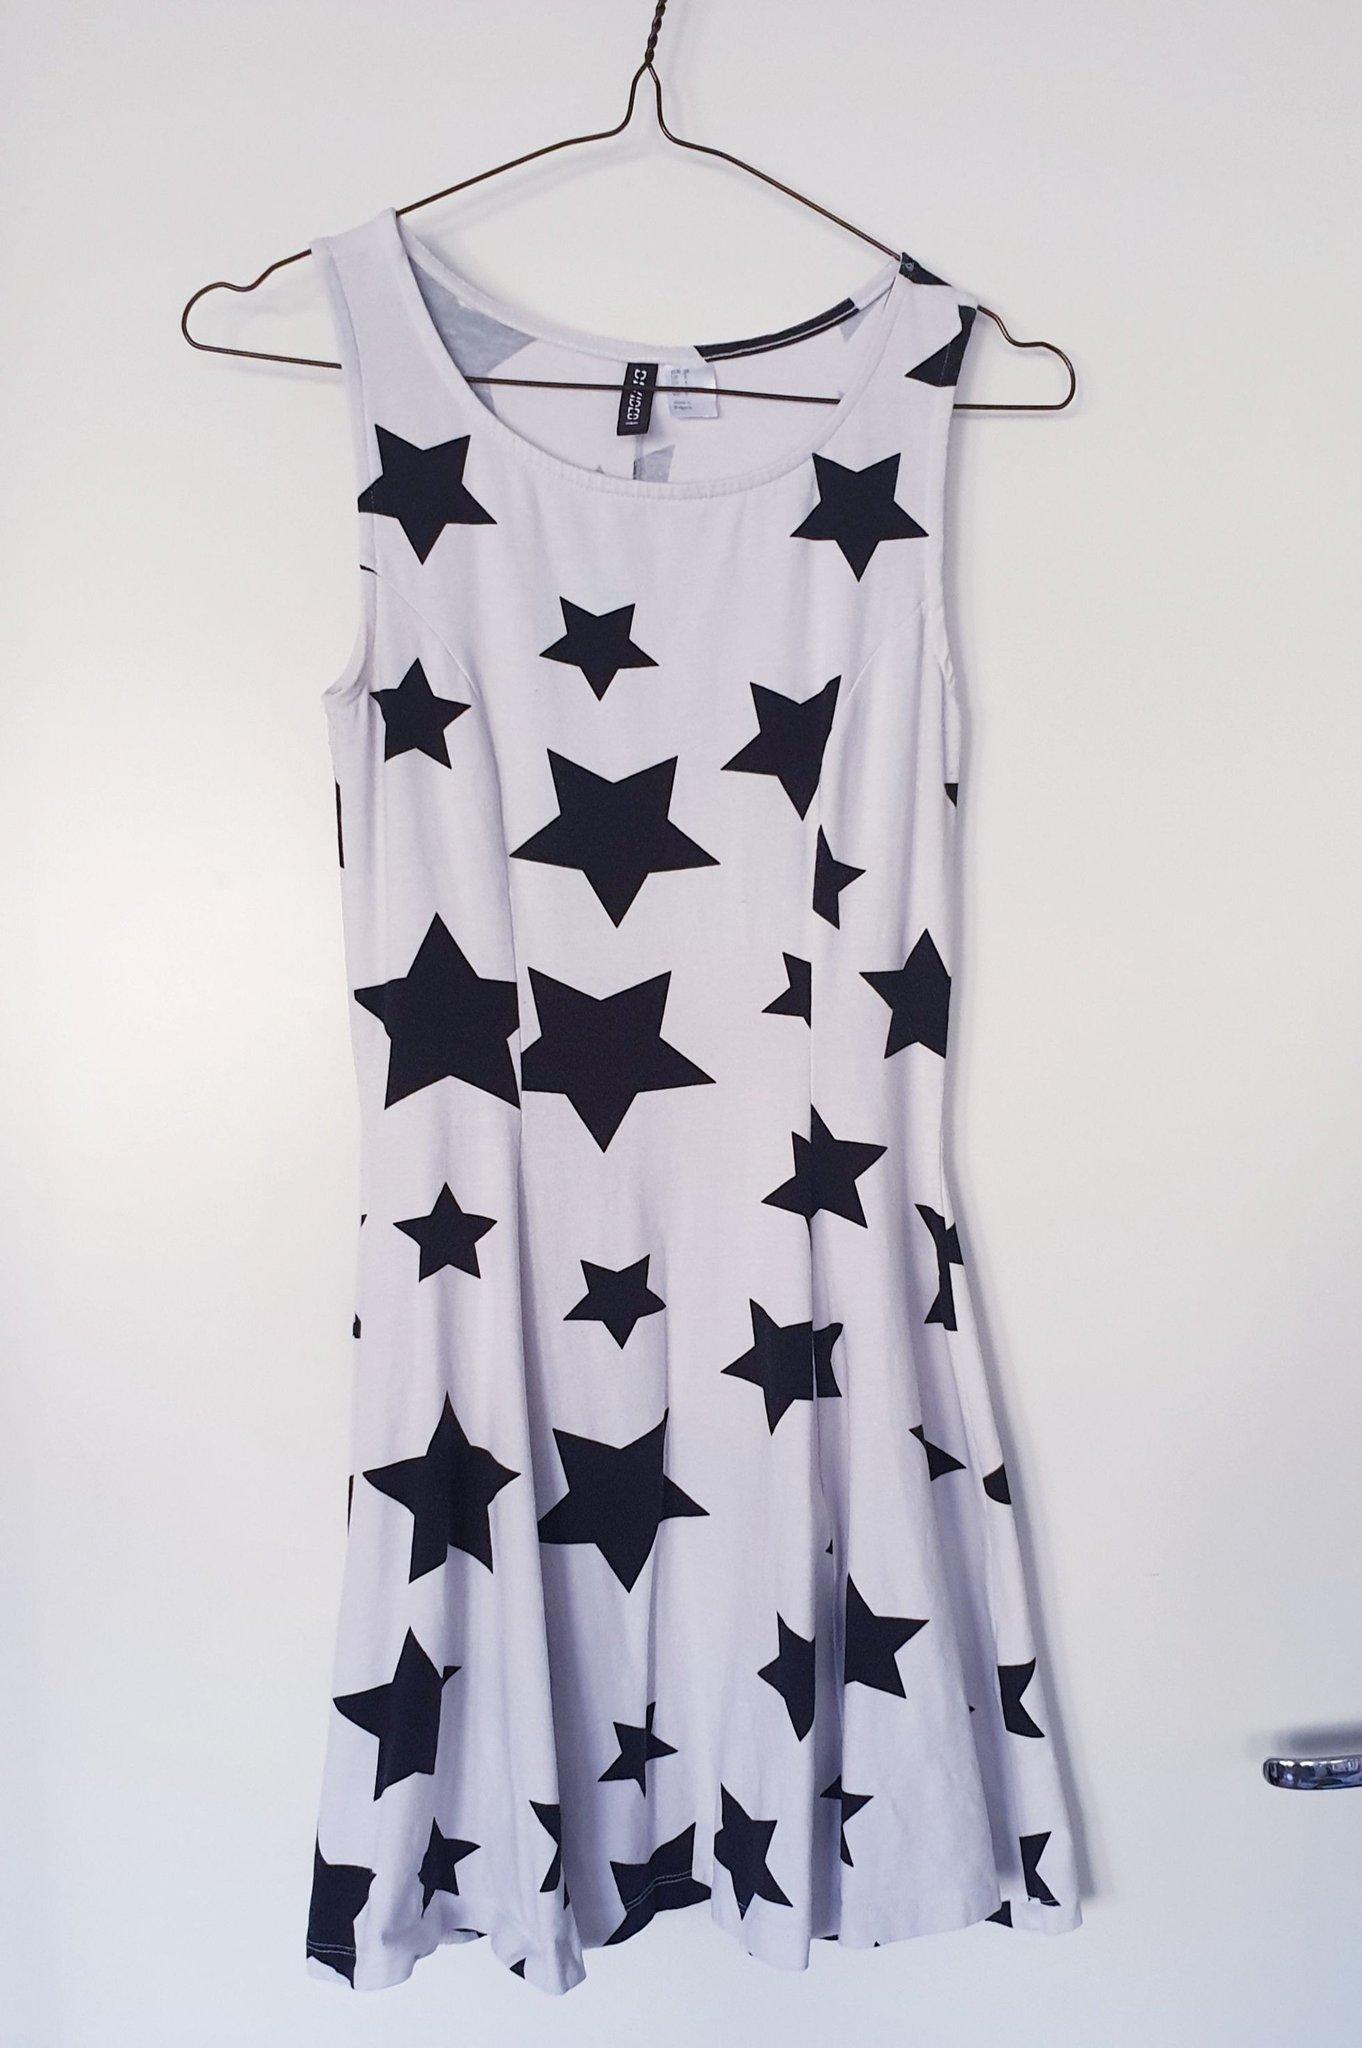 e0112828405a Vit klänning med stjärnor strl S, 36/38 skater .. (355301338) ᐈ Köp ...